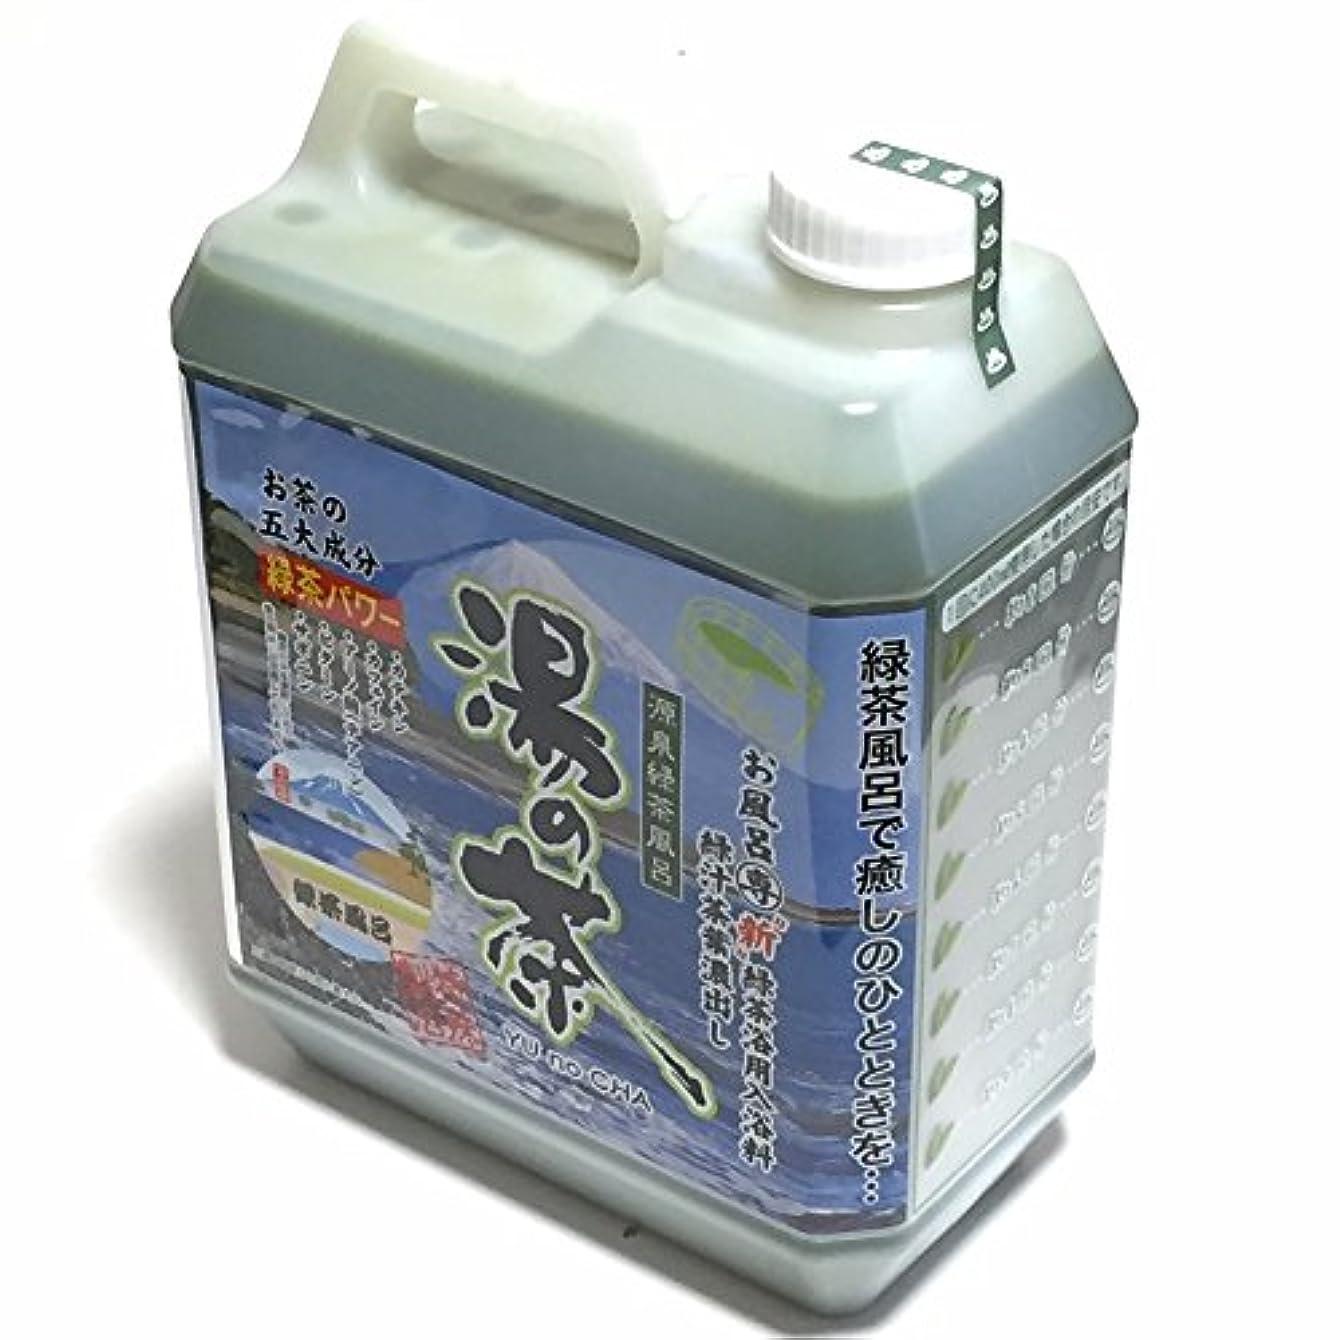 花火埋め込む検出可能緑茶のお風呂に入ろう??静岡茶葉100% 高濃度カテキン 緑茶入浴化粧品 湯の茶 大容量4リットル